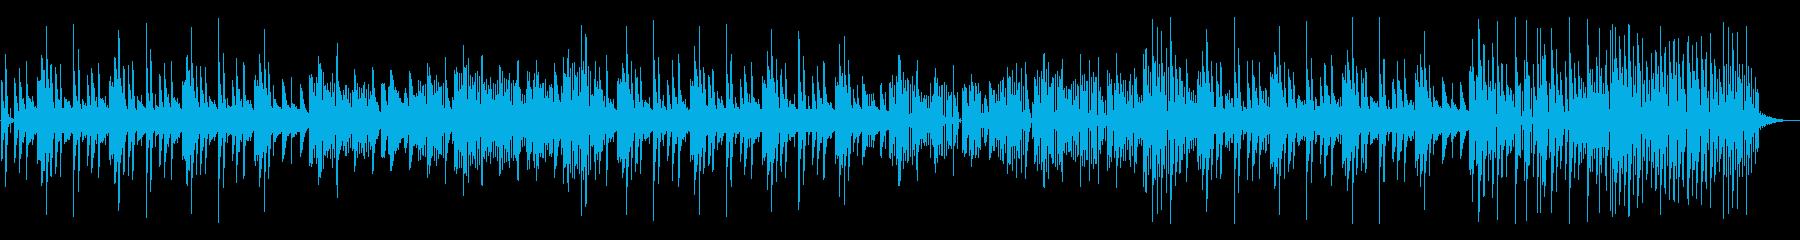 キュート、怪しい、チープなピアノとシンセの再生済みの波形